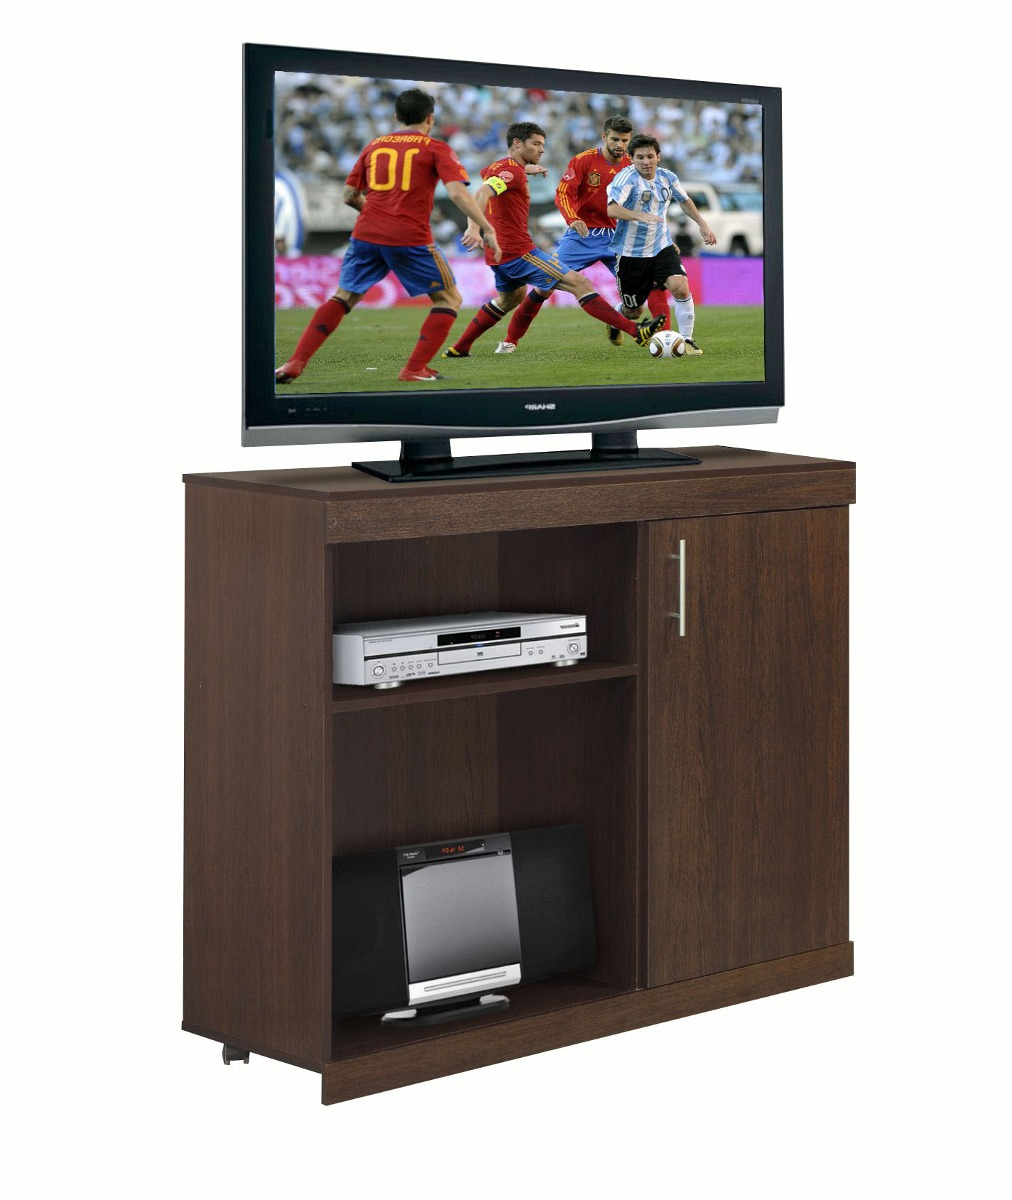 Mesa de tv mosconi con ruedas art 120 santa clara relojes - Mesas con ruedas para tv ...